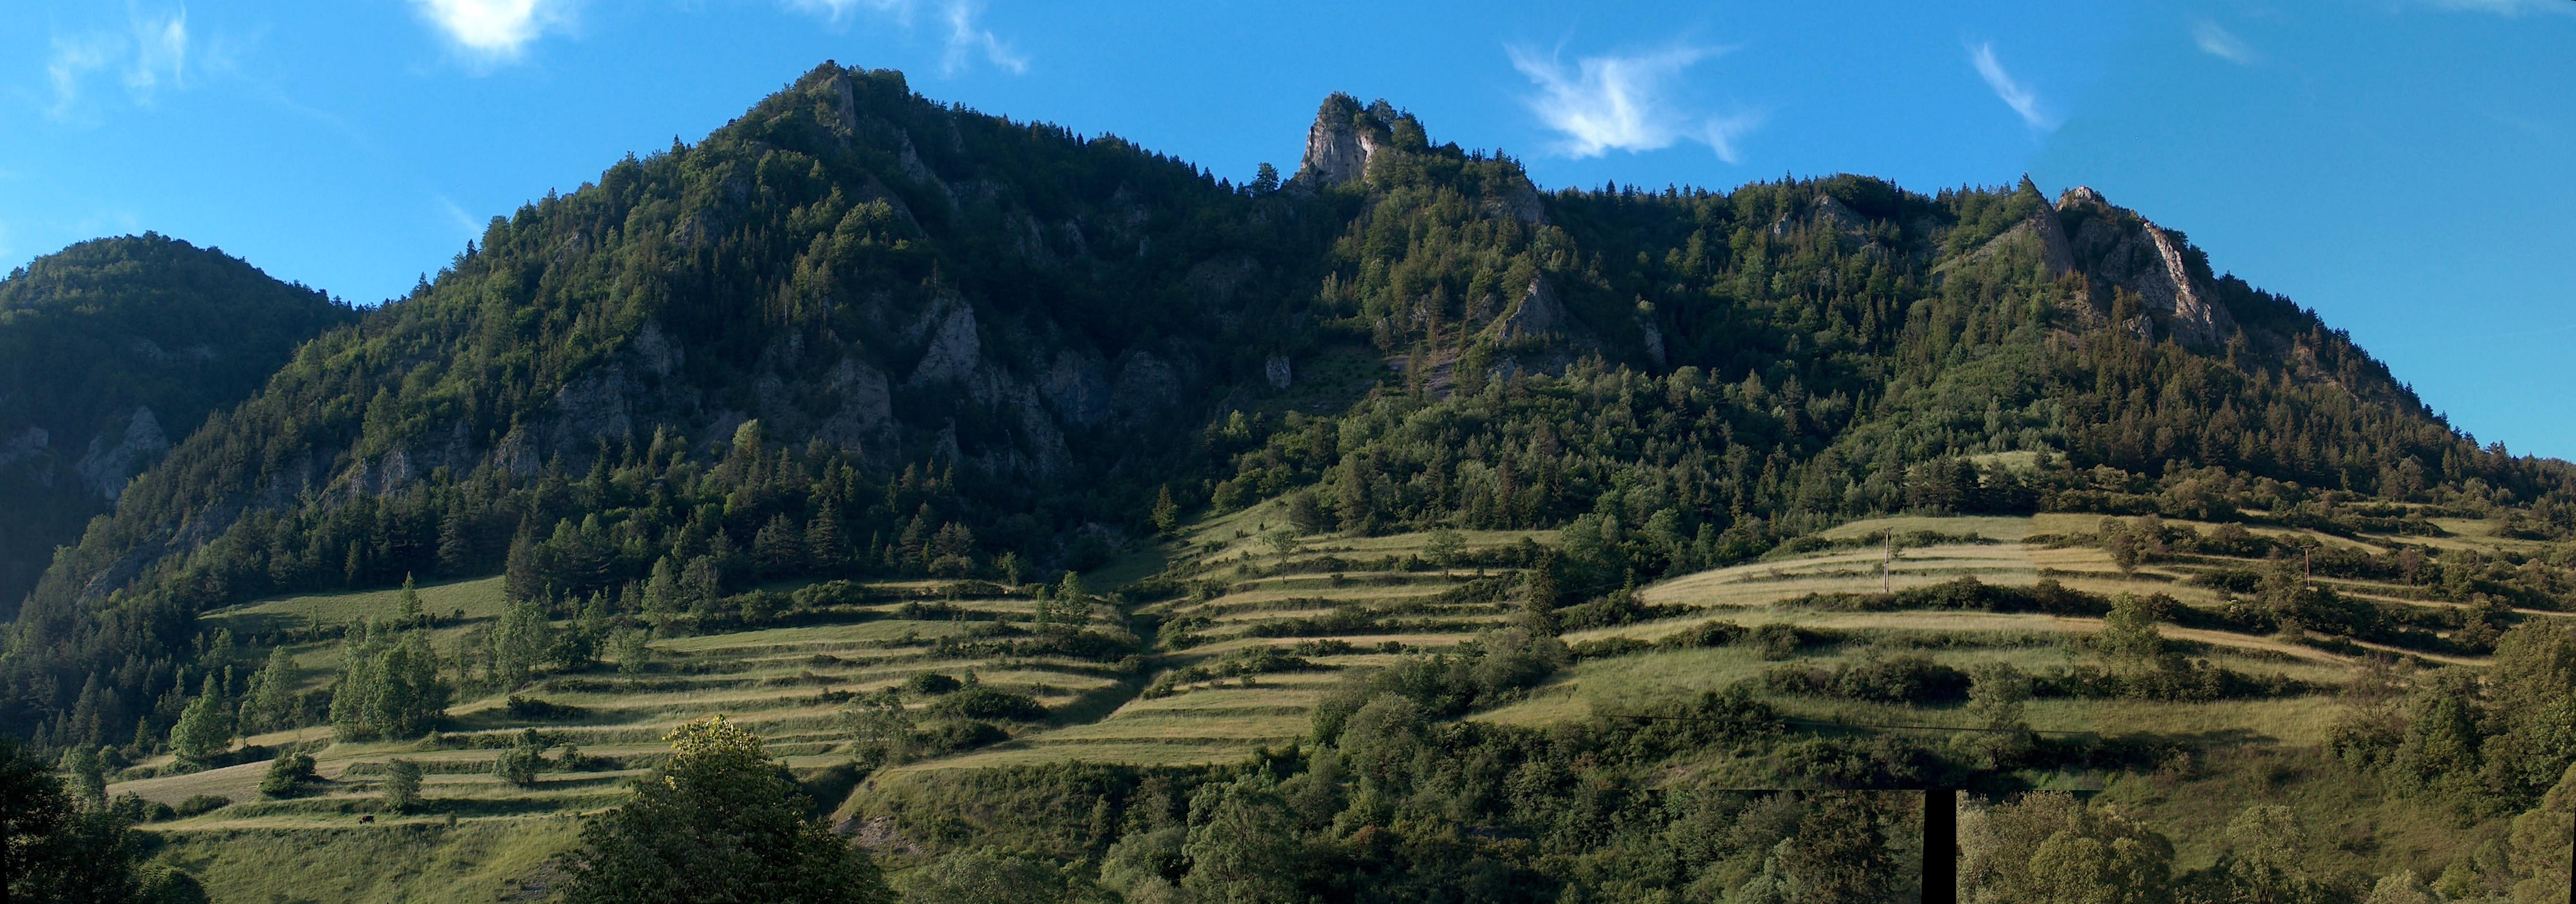 Haligovské skaly. (Foto: archív)